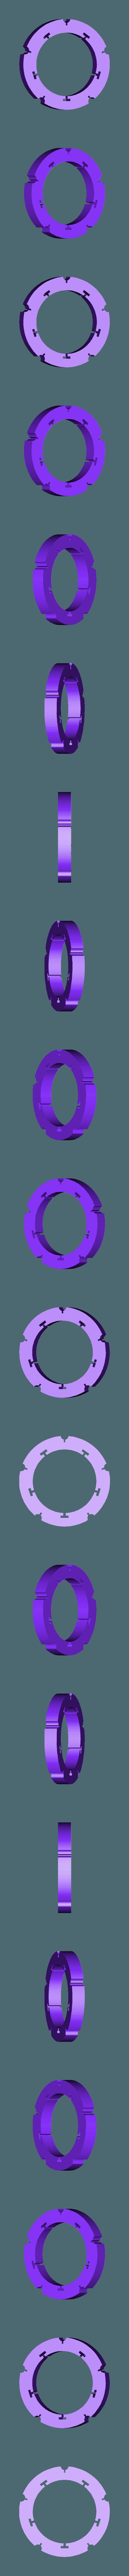 printable_-_wheel_hub_dampener.stl Télécharger fichier STL gratuit RoboMaster S1 - Bricolage • Design à imprimer en 3D, Glutnard